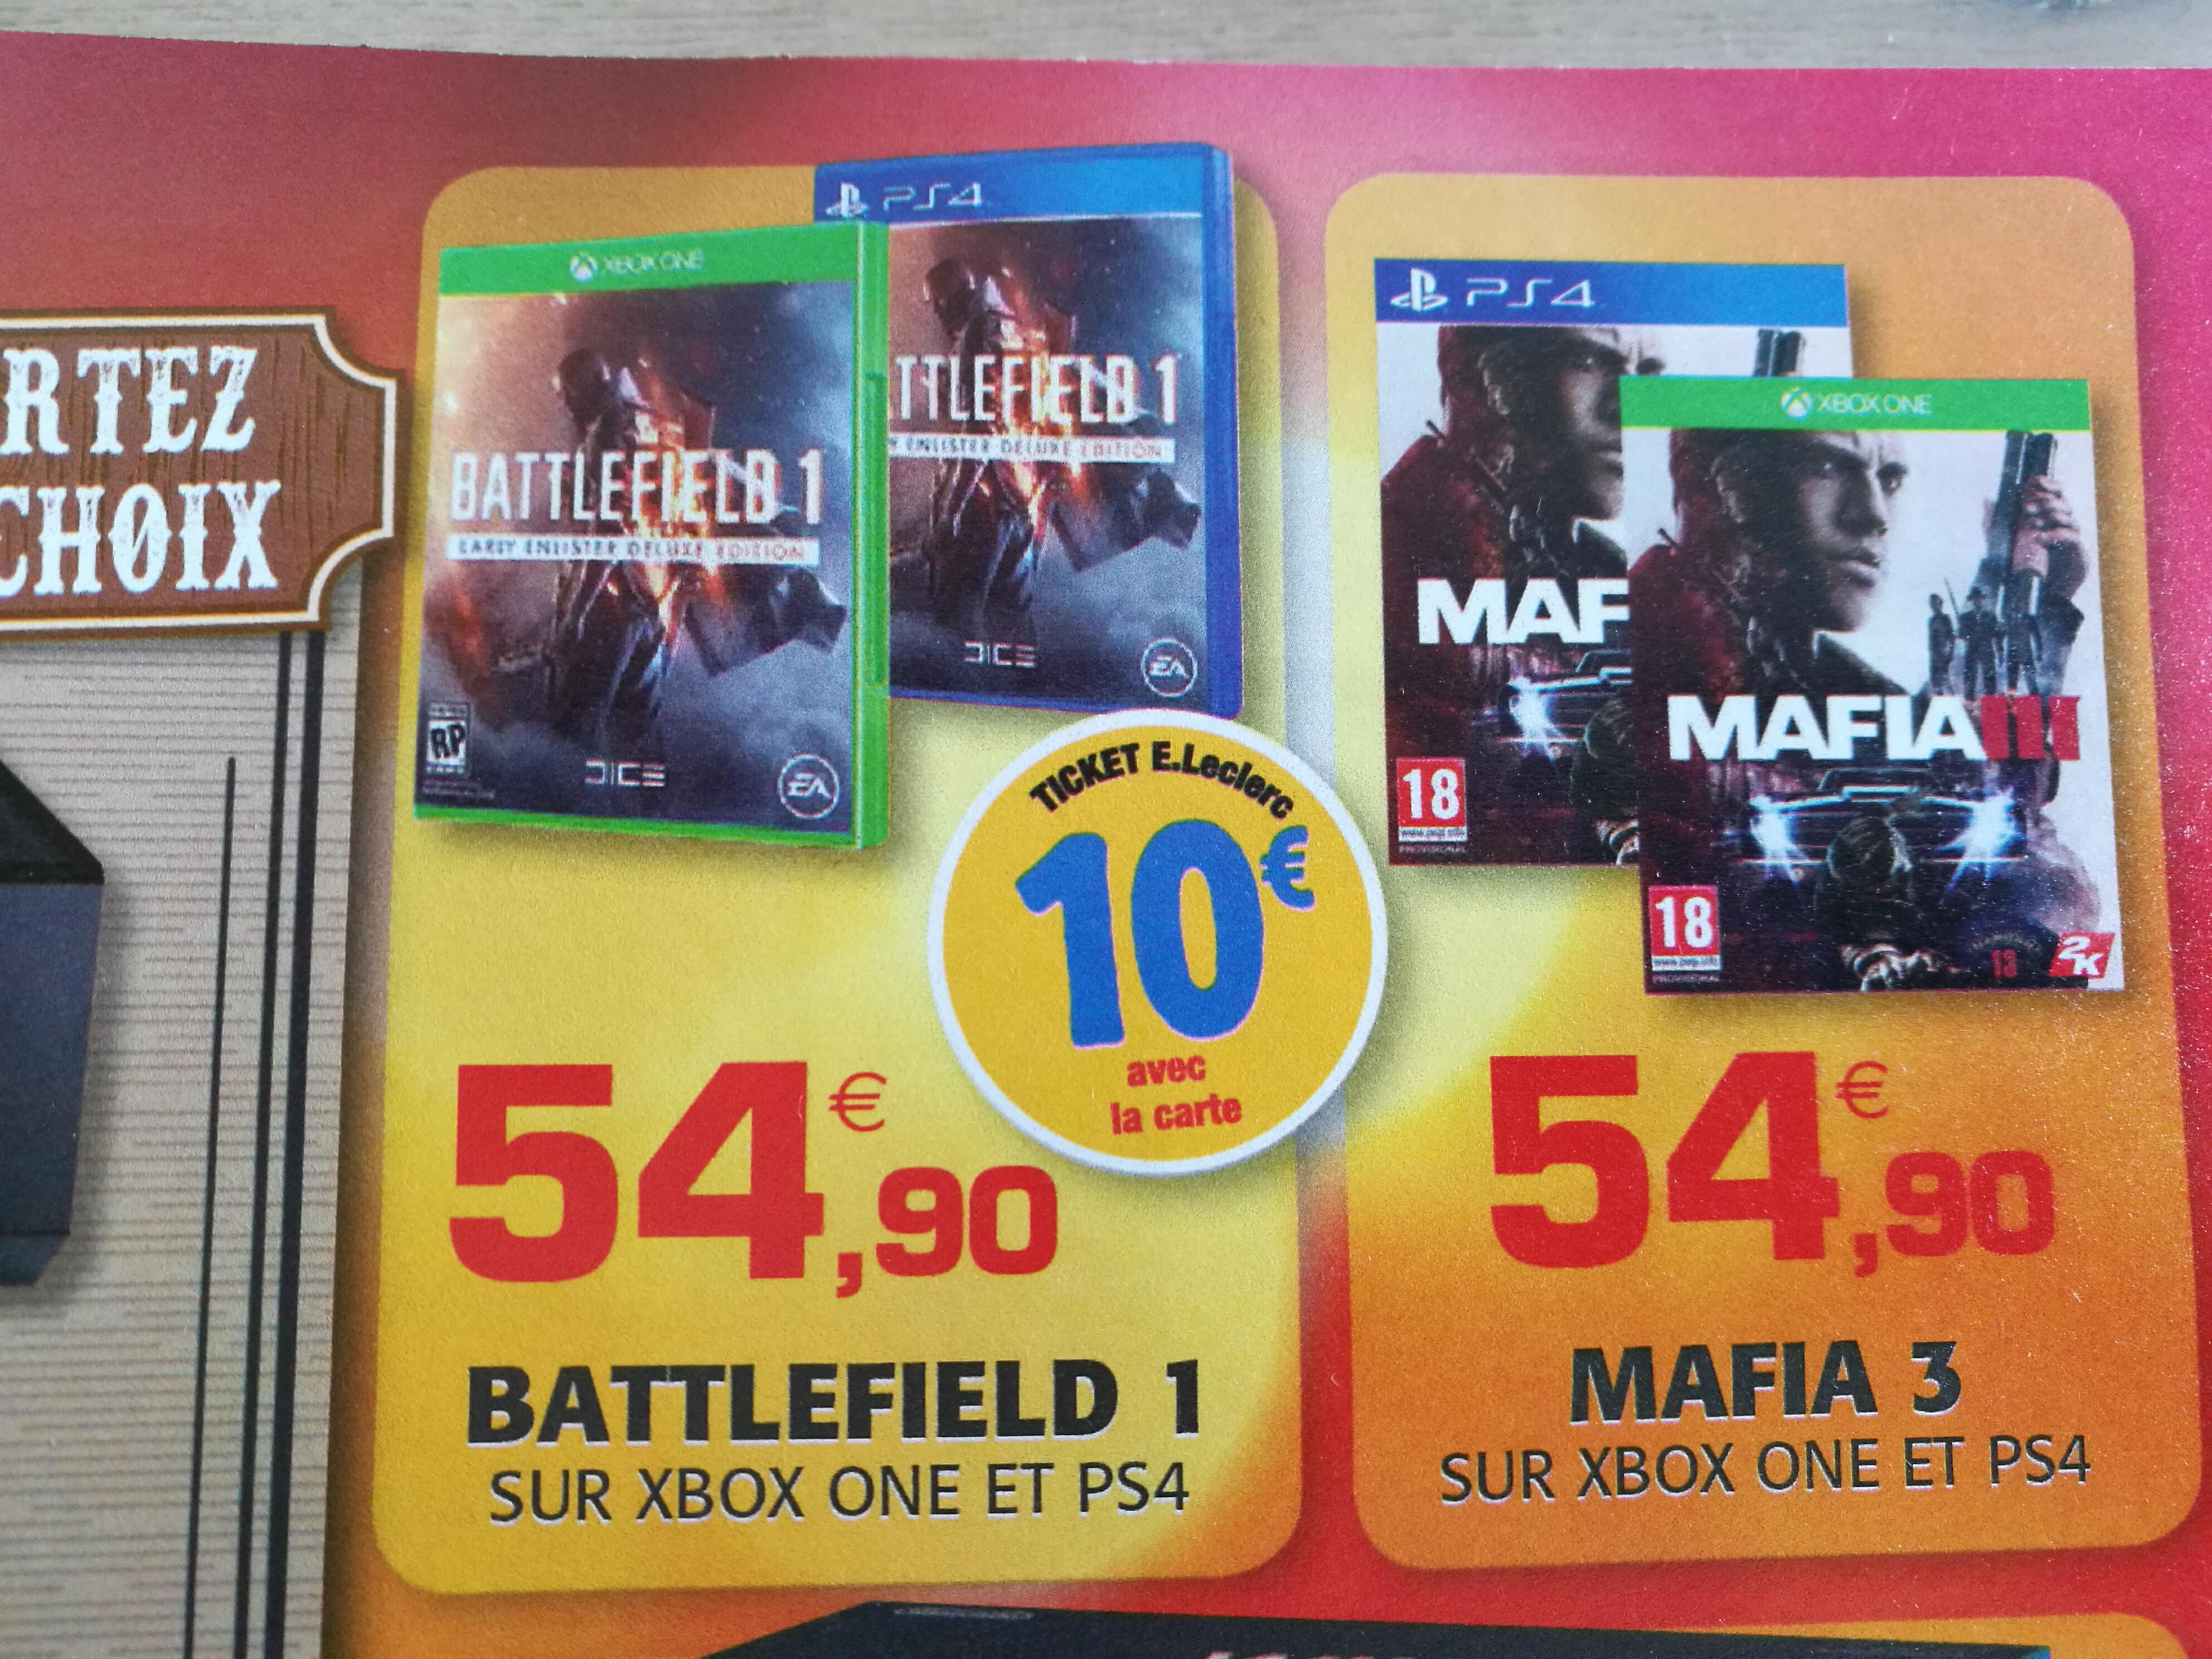 Battlefield 1 sur PS4 et Xbox One (avec 10€ sur la carte)